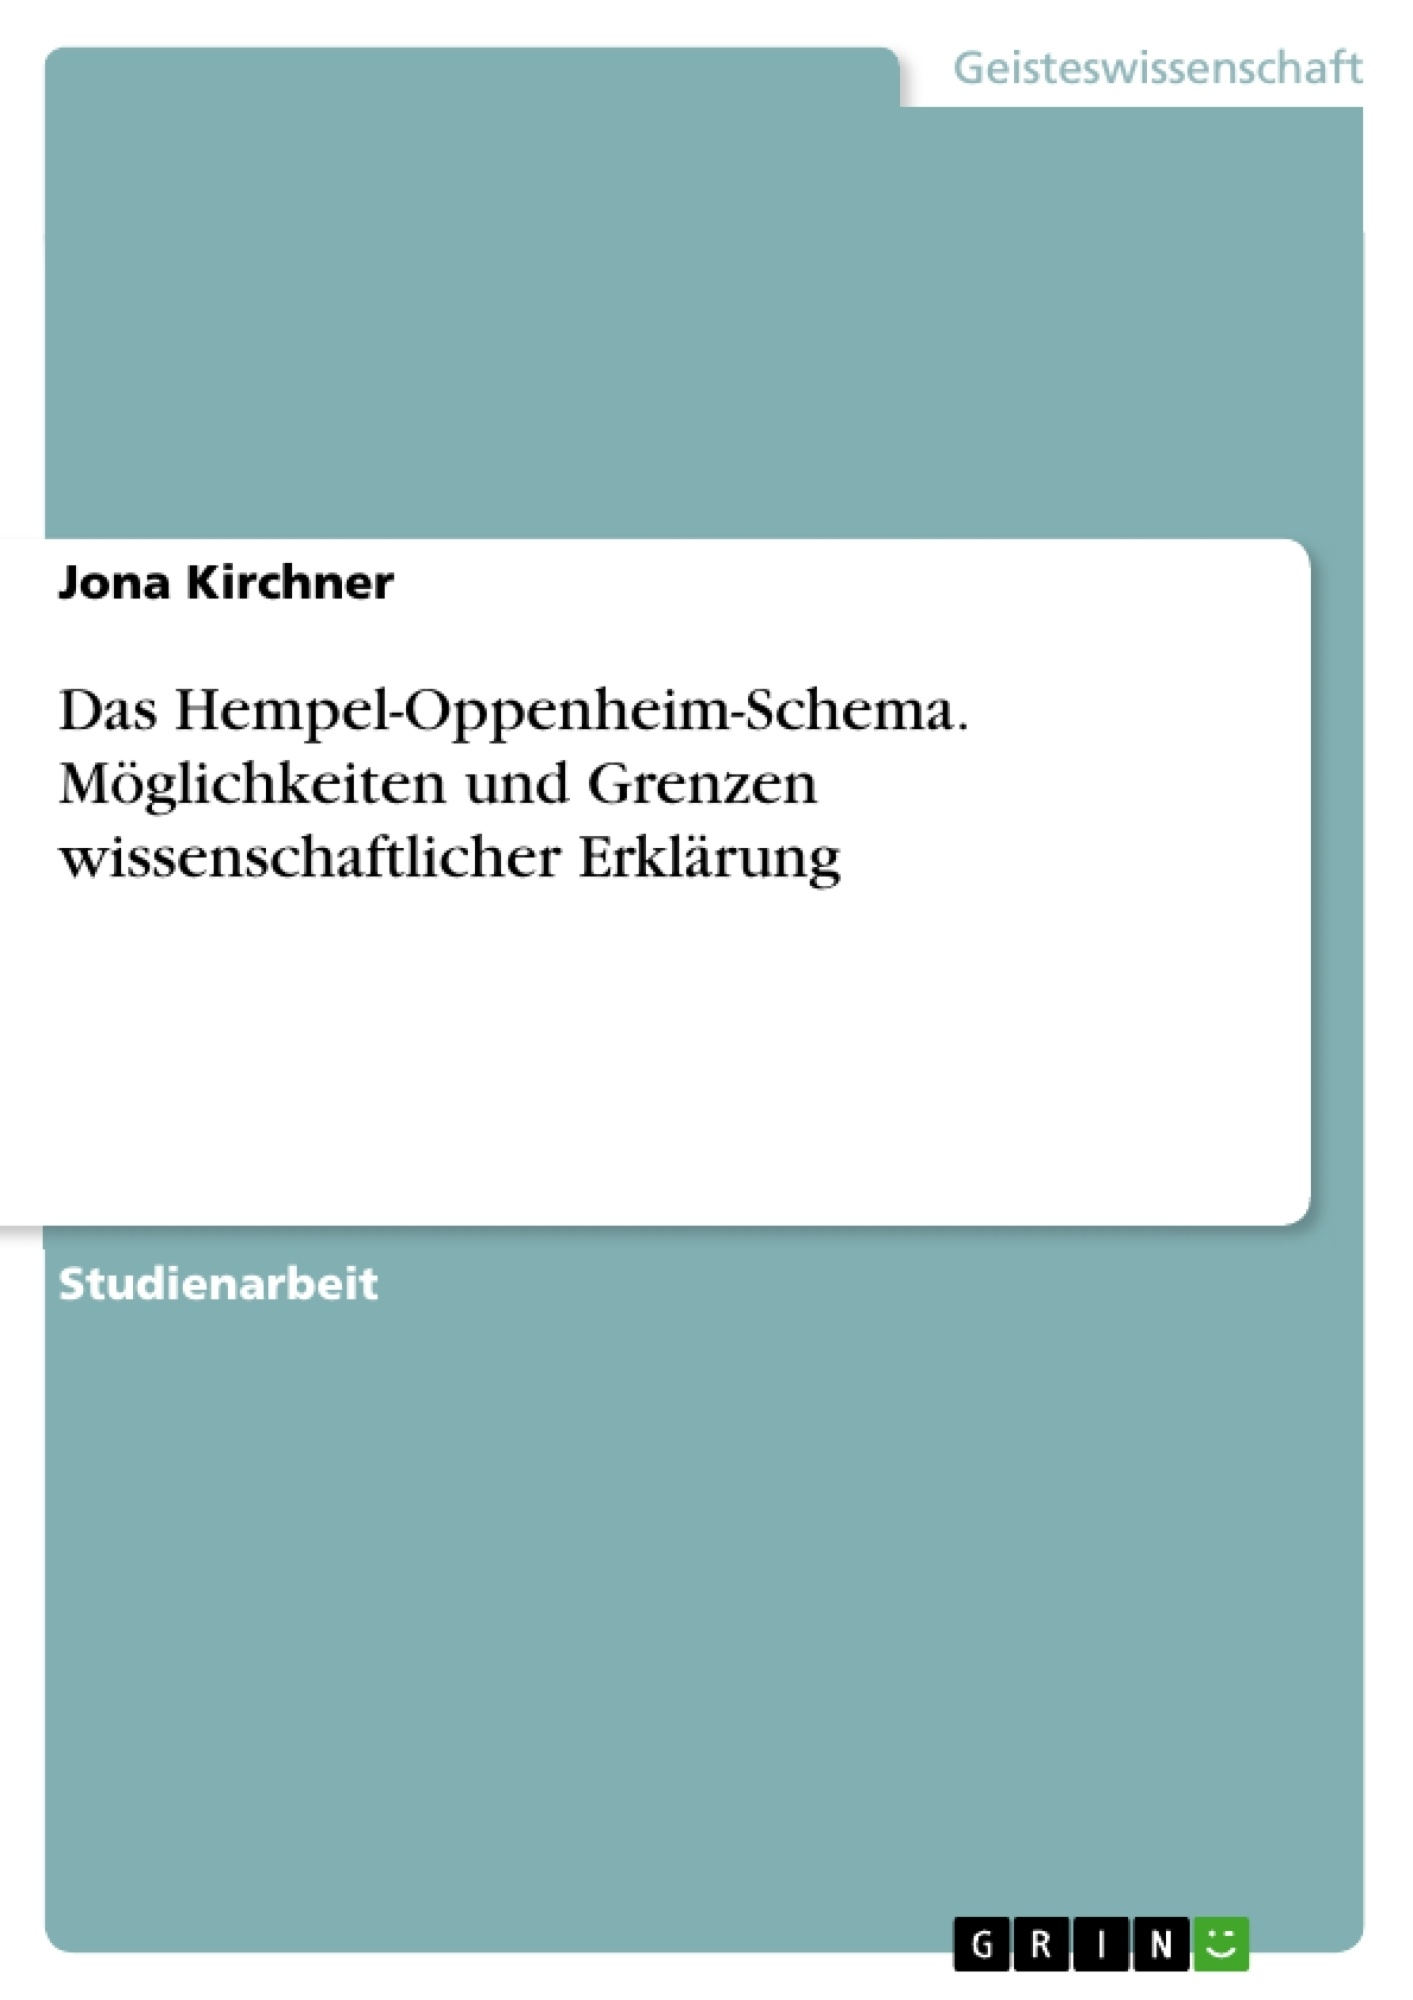 Titel: Das Hempel-Oppenheim-Schema. Möglichkeiten und Grenzen wissenschaftlicher Erklärung